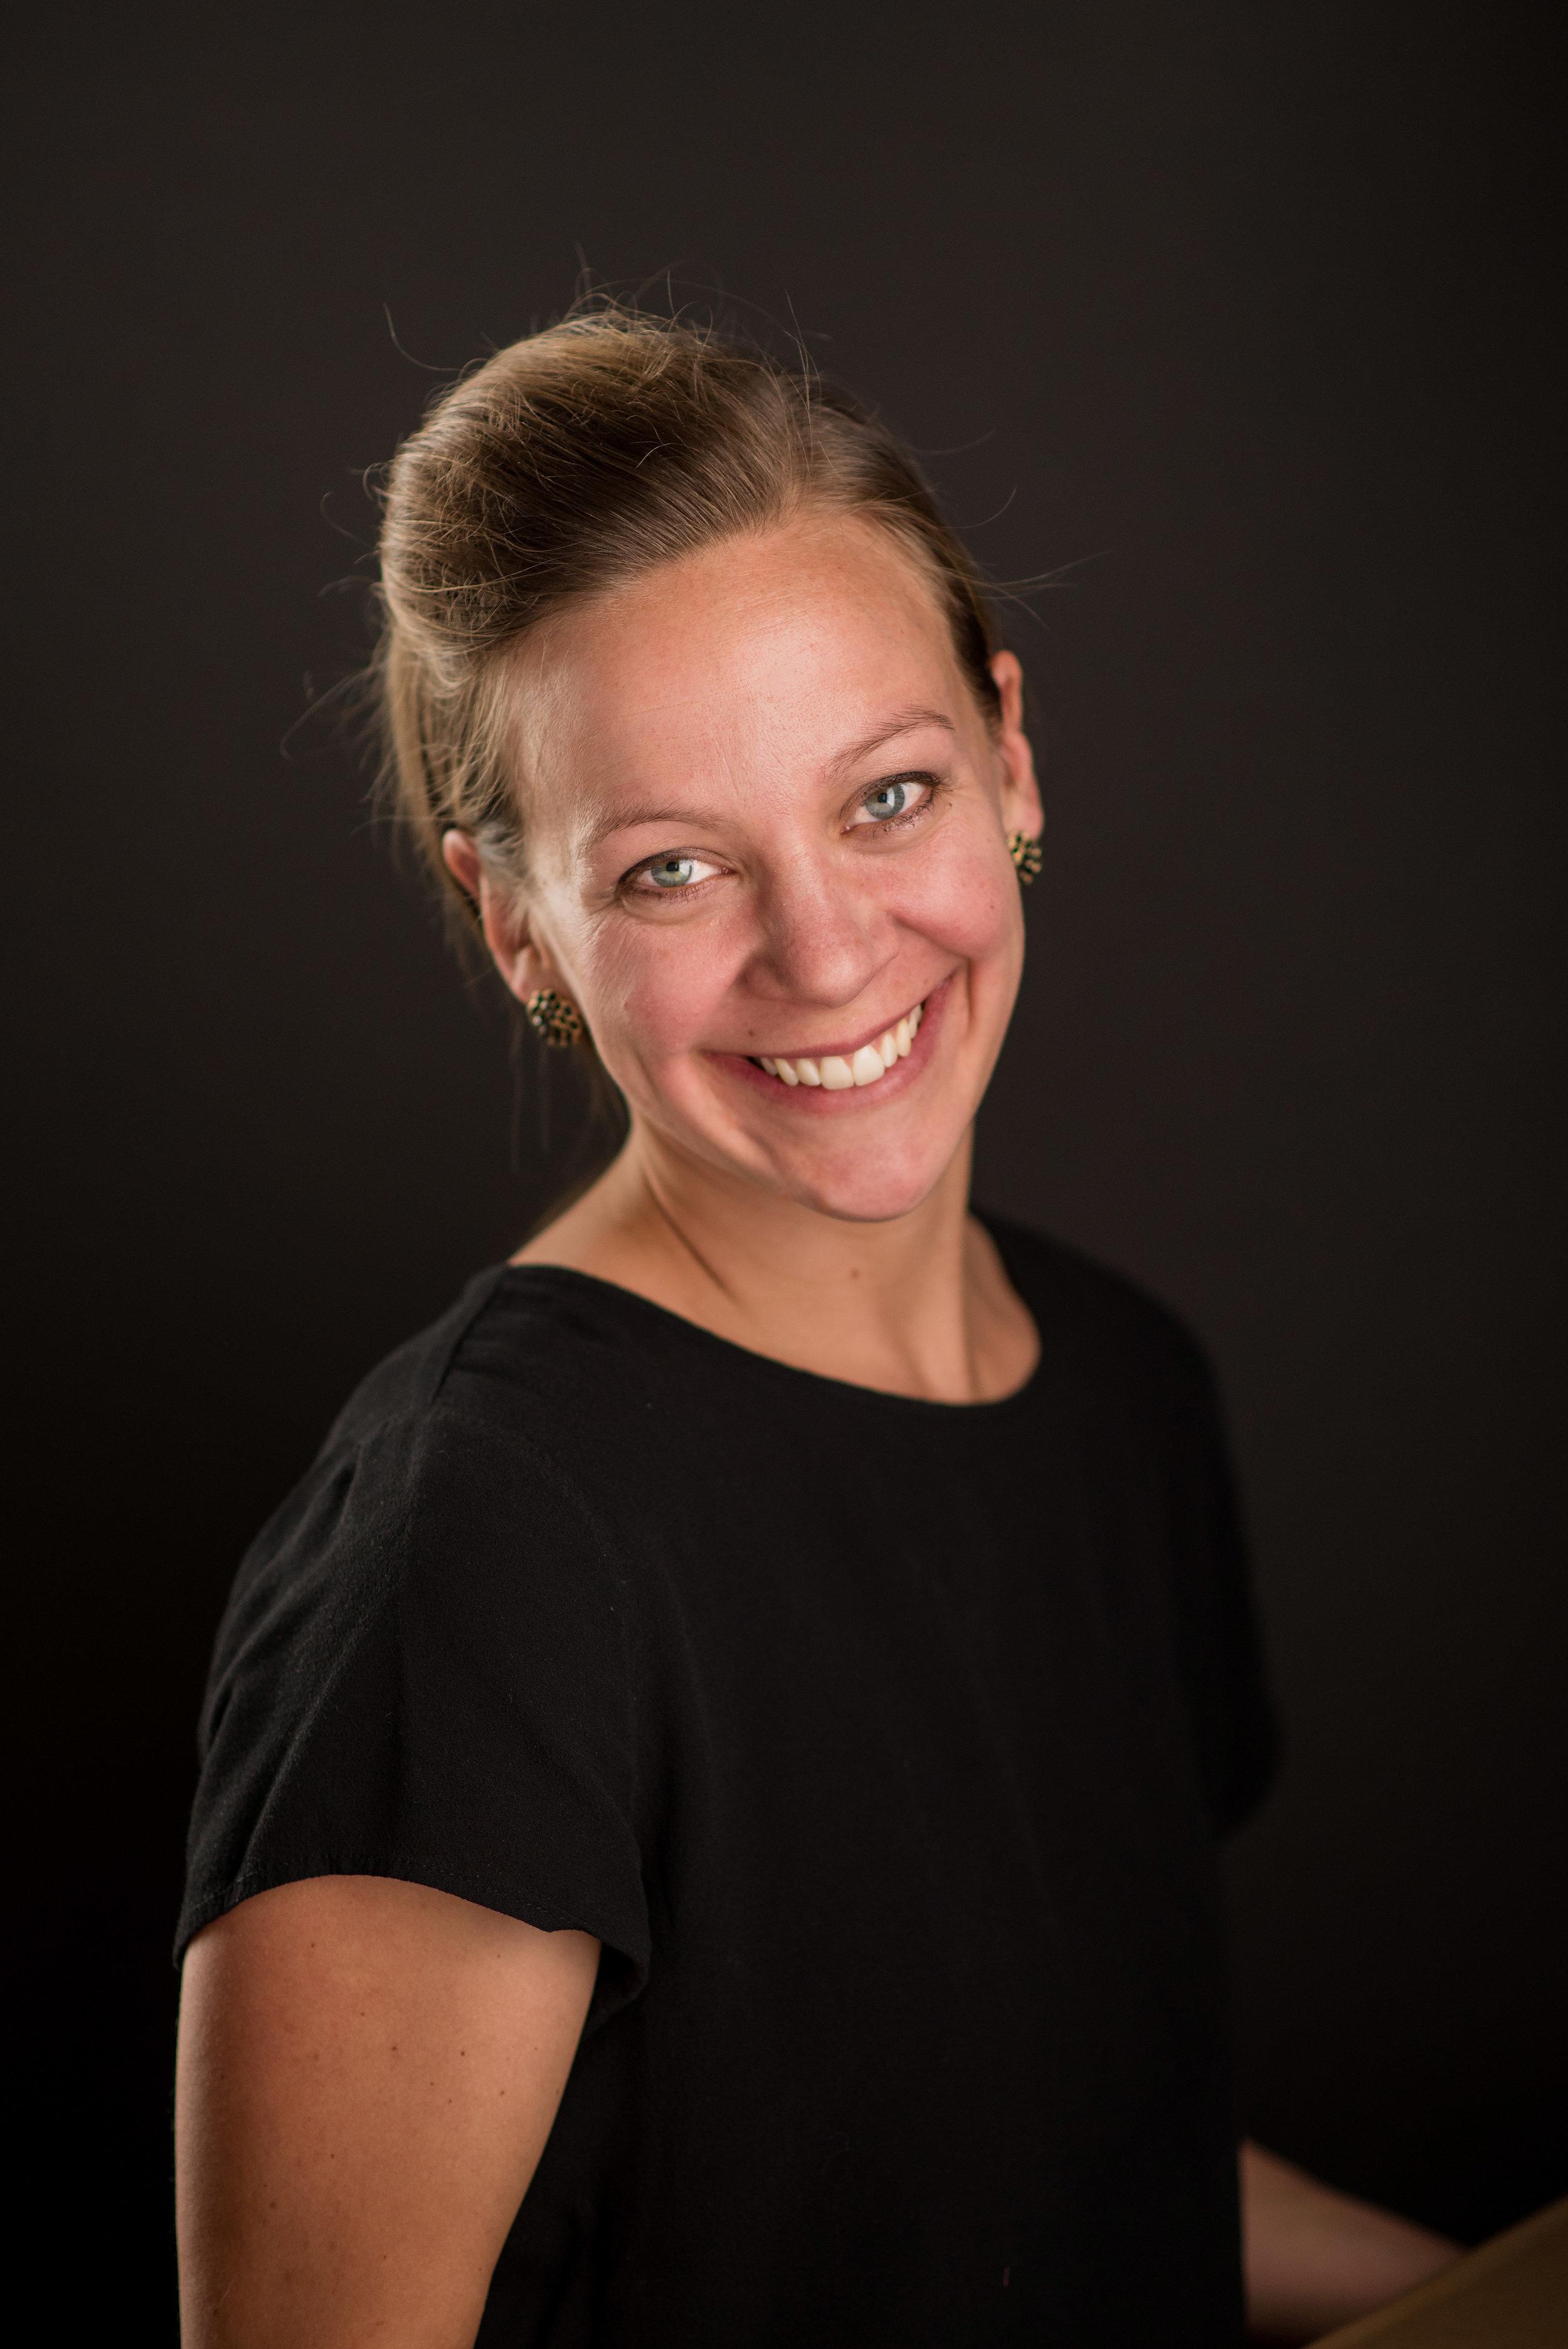 Larissa Kauffman   Filmmaker and Client Relations